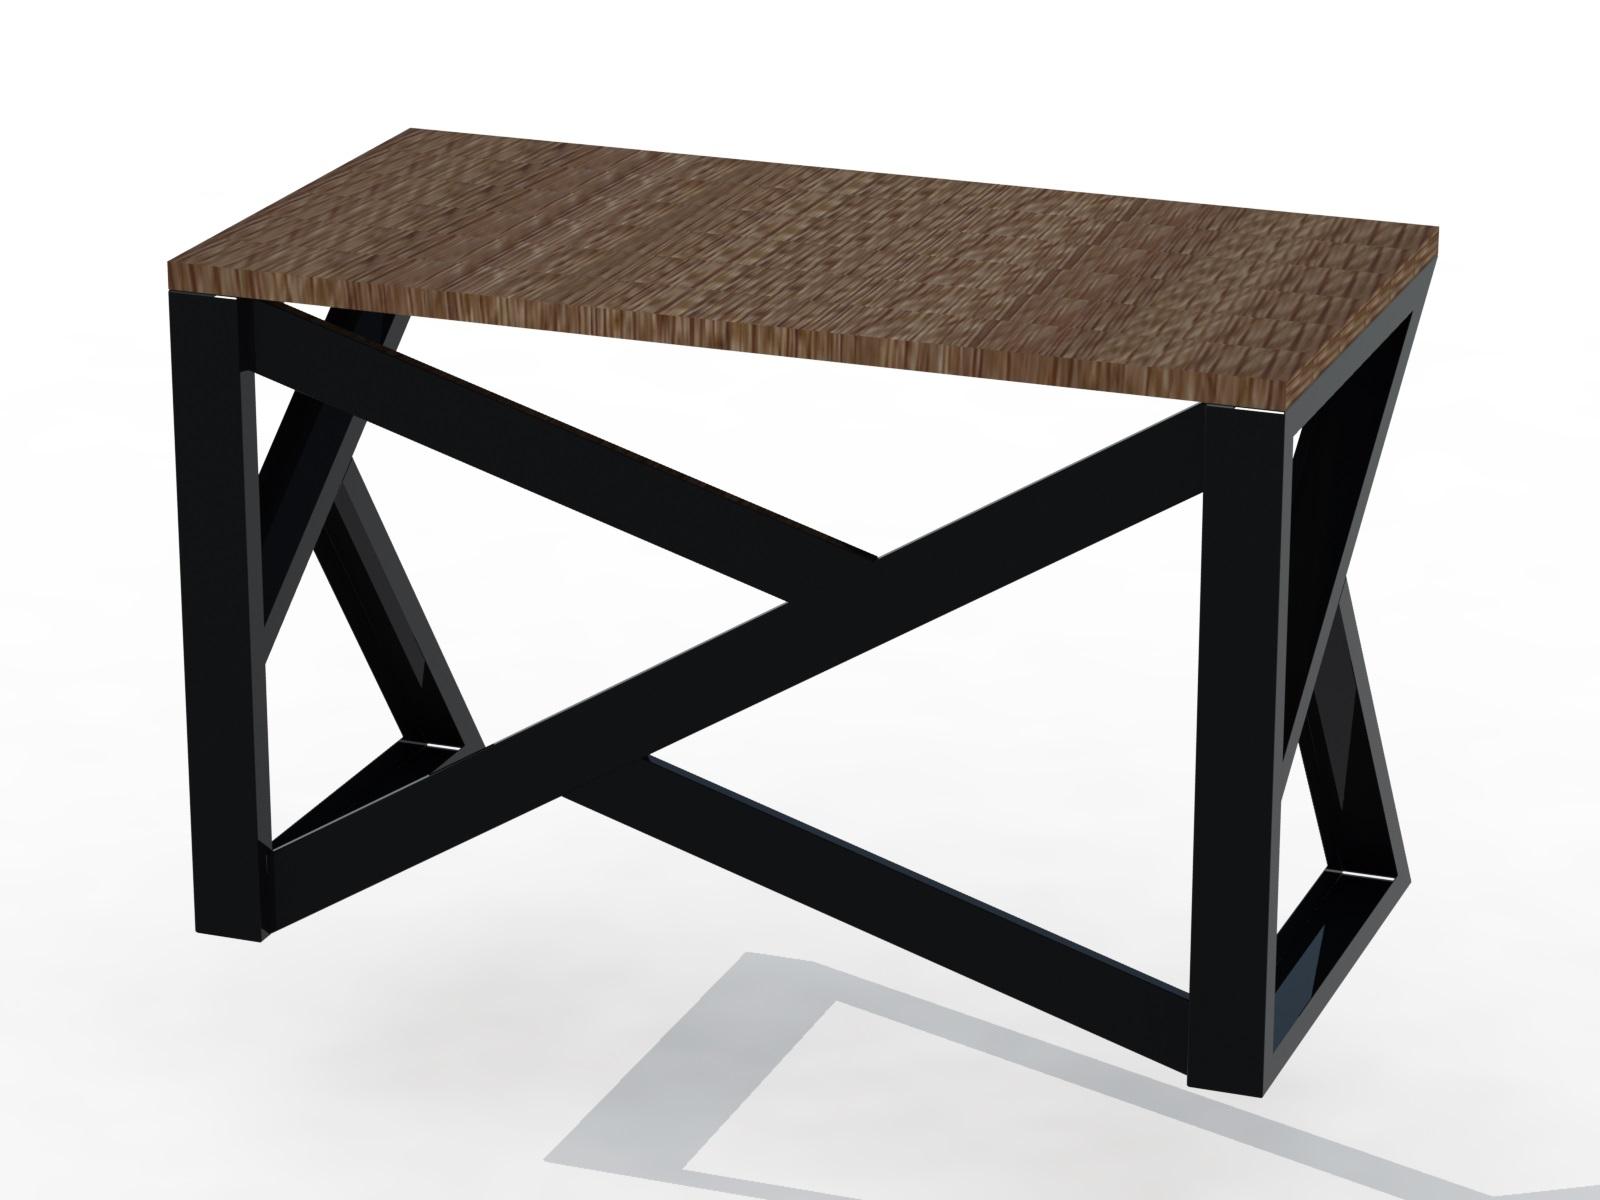 Фото Проектирование LOFT мебели, в данном варианте стол выполнен :каркас  из гнутого листового металла окрашен порошковой краской, столешница из дерева.